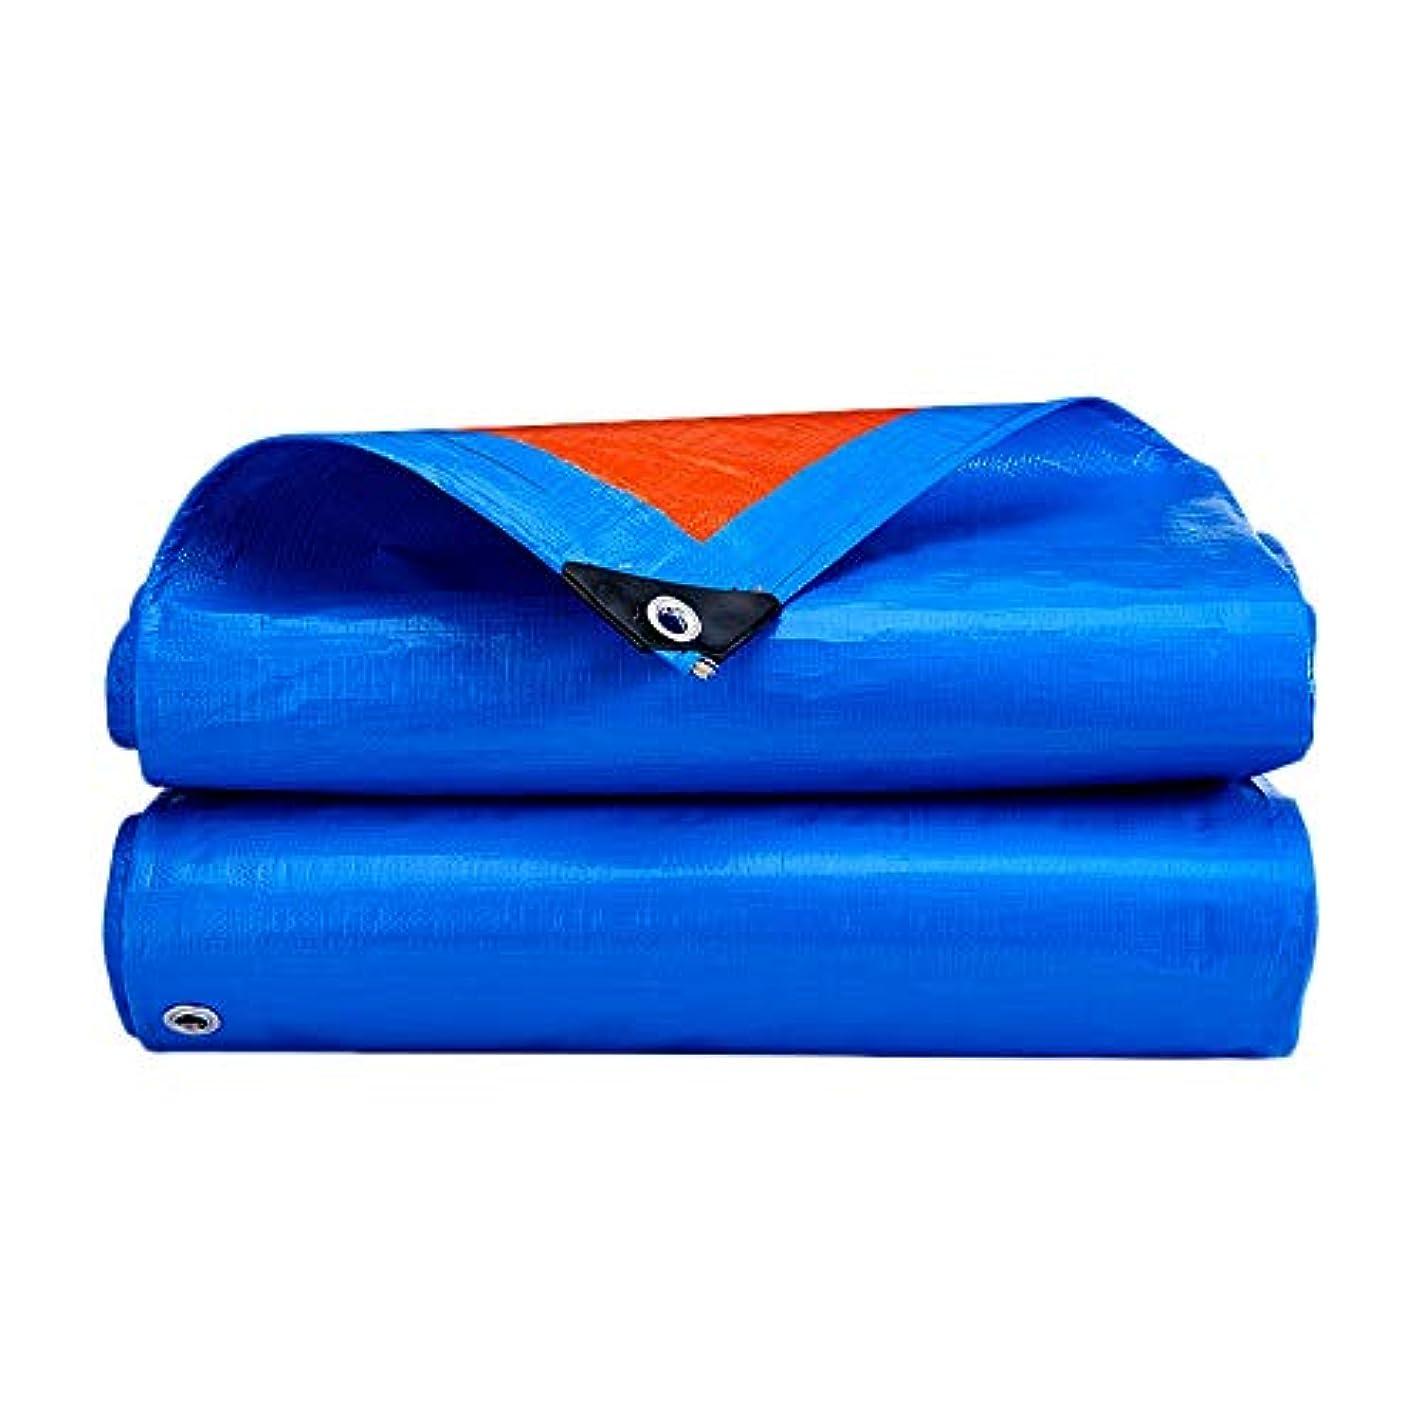 本土繕う認証QING MEI 防水シート屋外厚いプラスチックシェード布折りたたみ防水防水シートブルーカーポートヘビーデューティUV保護 (Size : 8x6m)